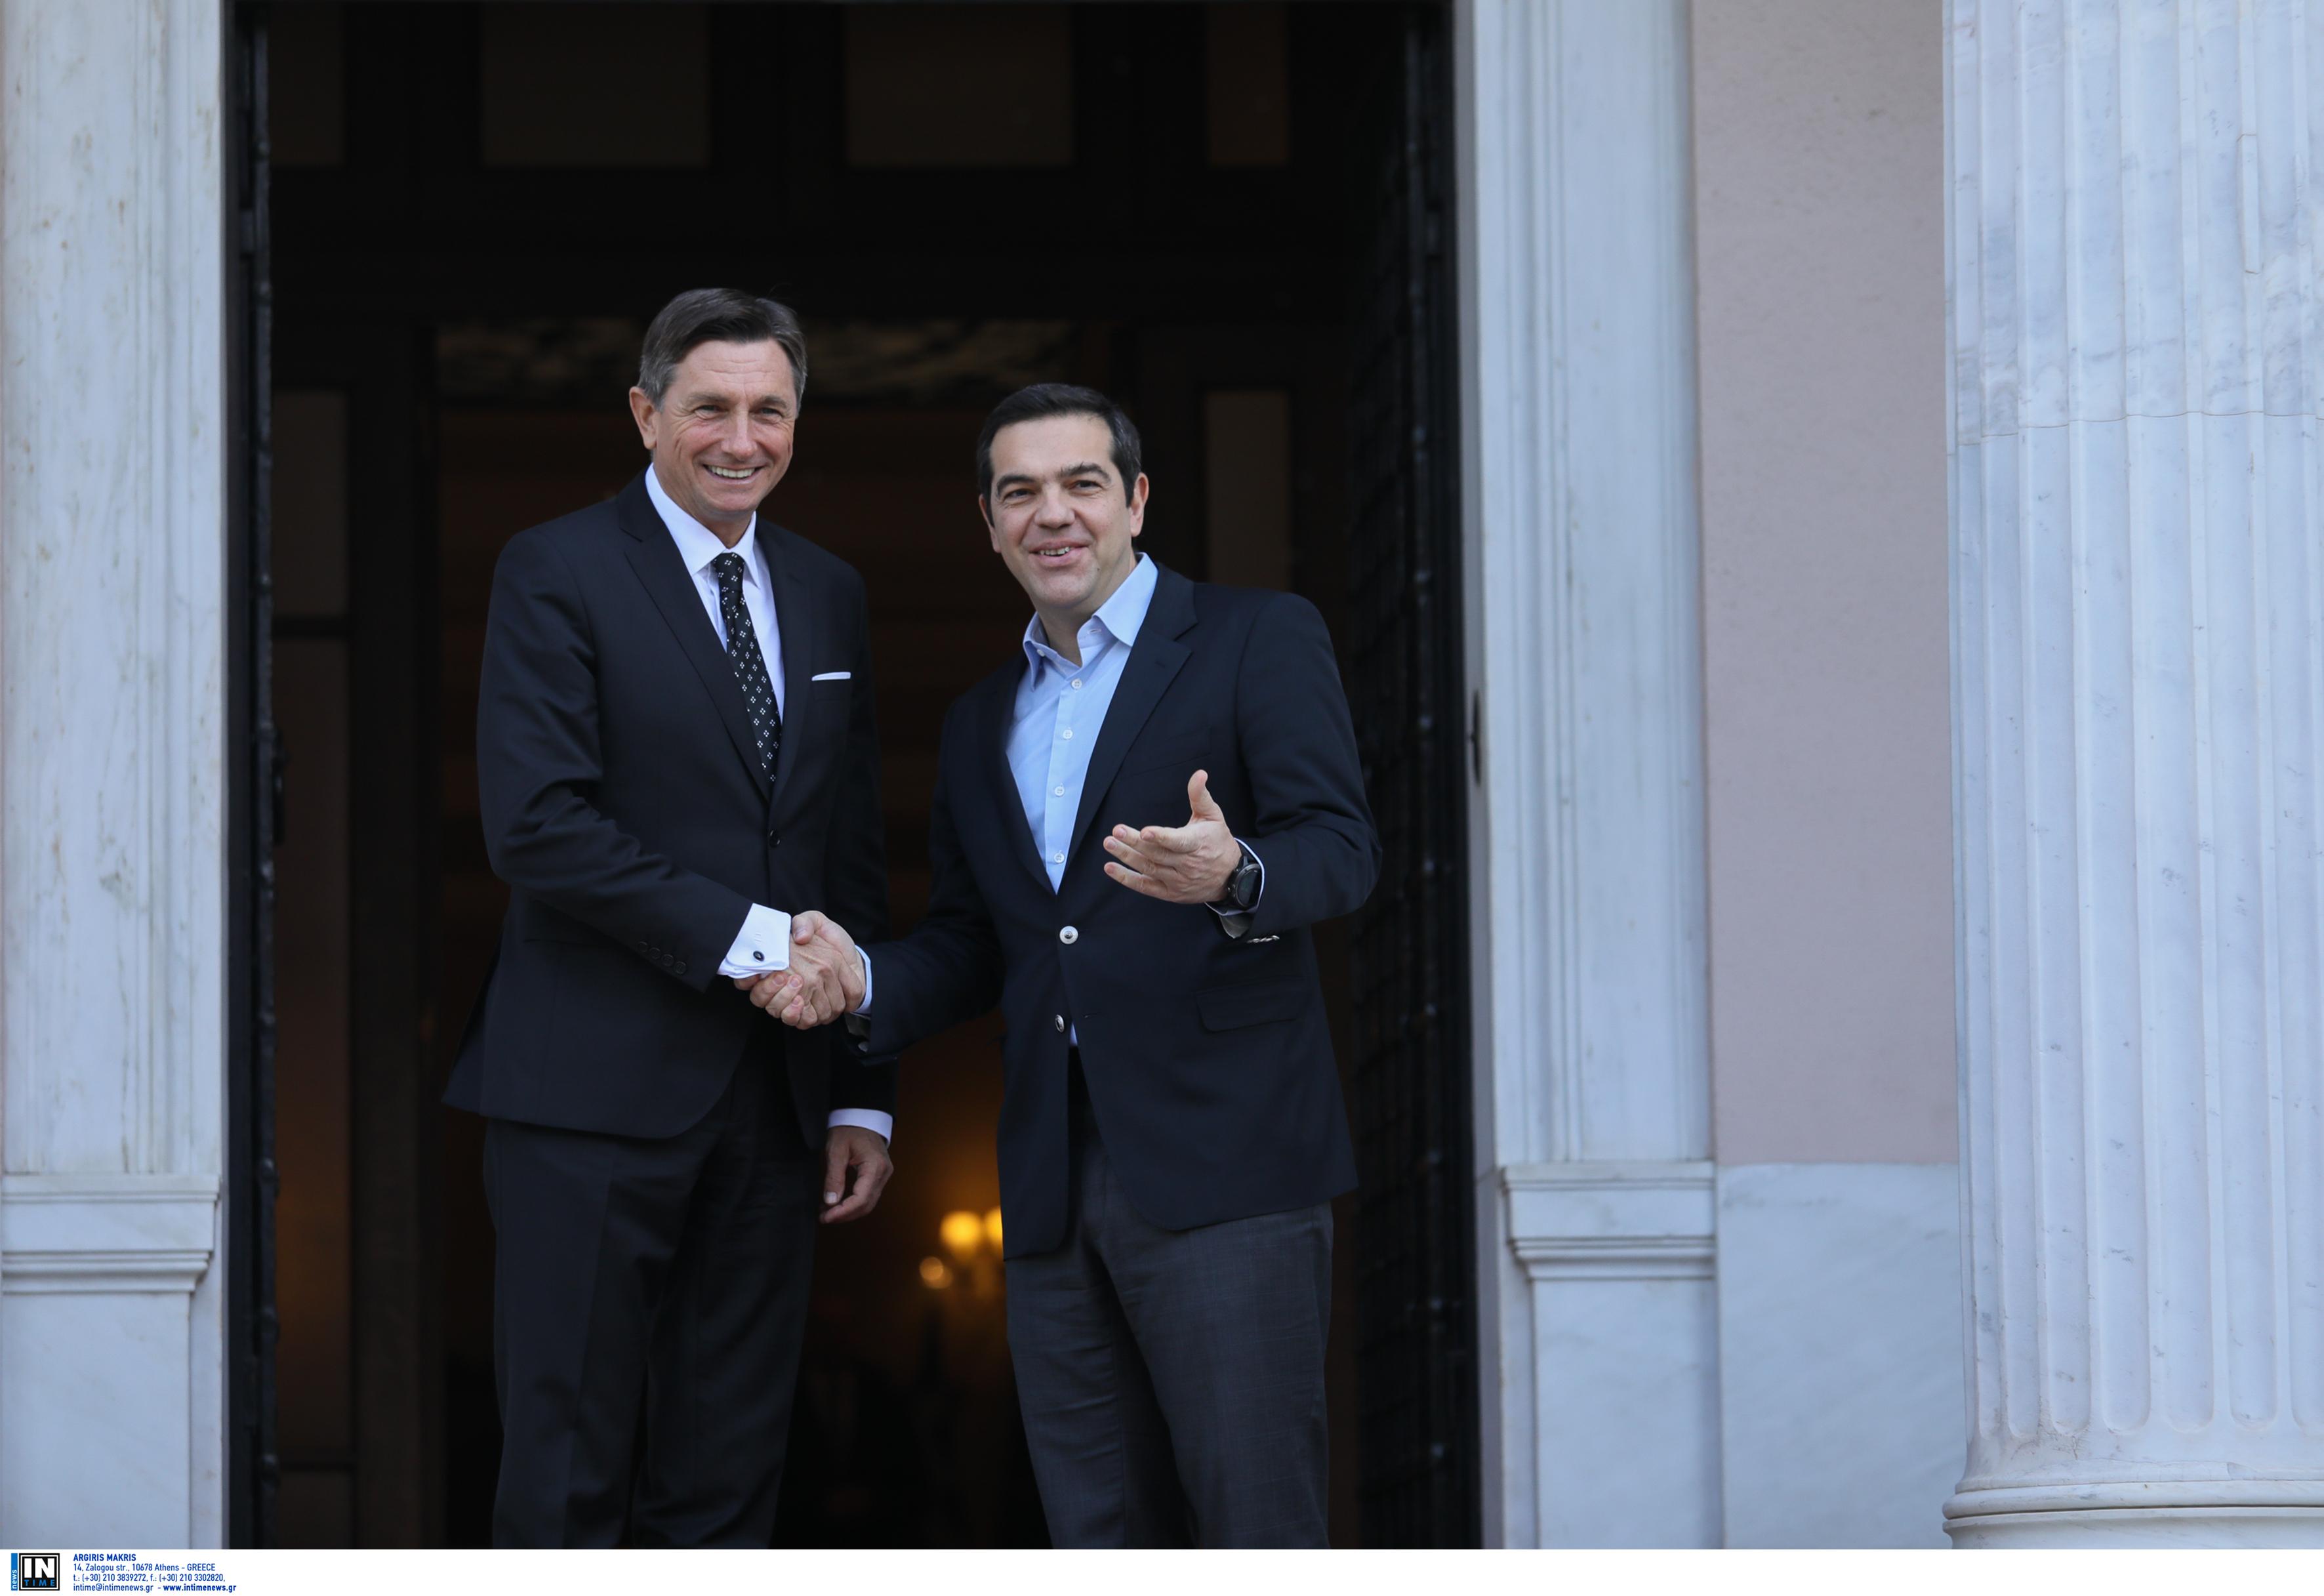 tsipras-se-sloveno-proedro-sto-exis-tha-anagnorizete-toys-geitones-mas-os-voreia-makedonia5